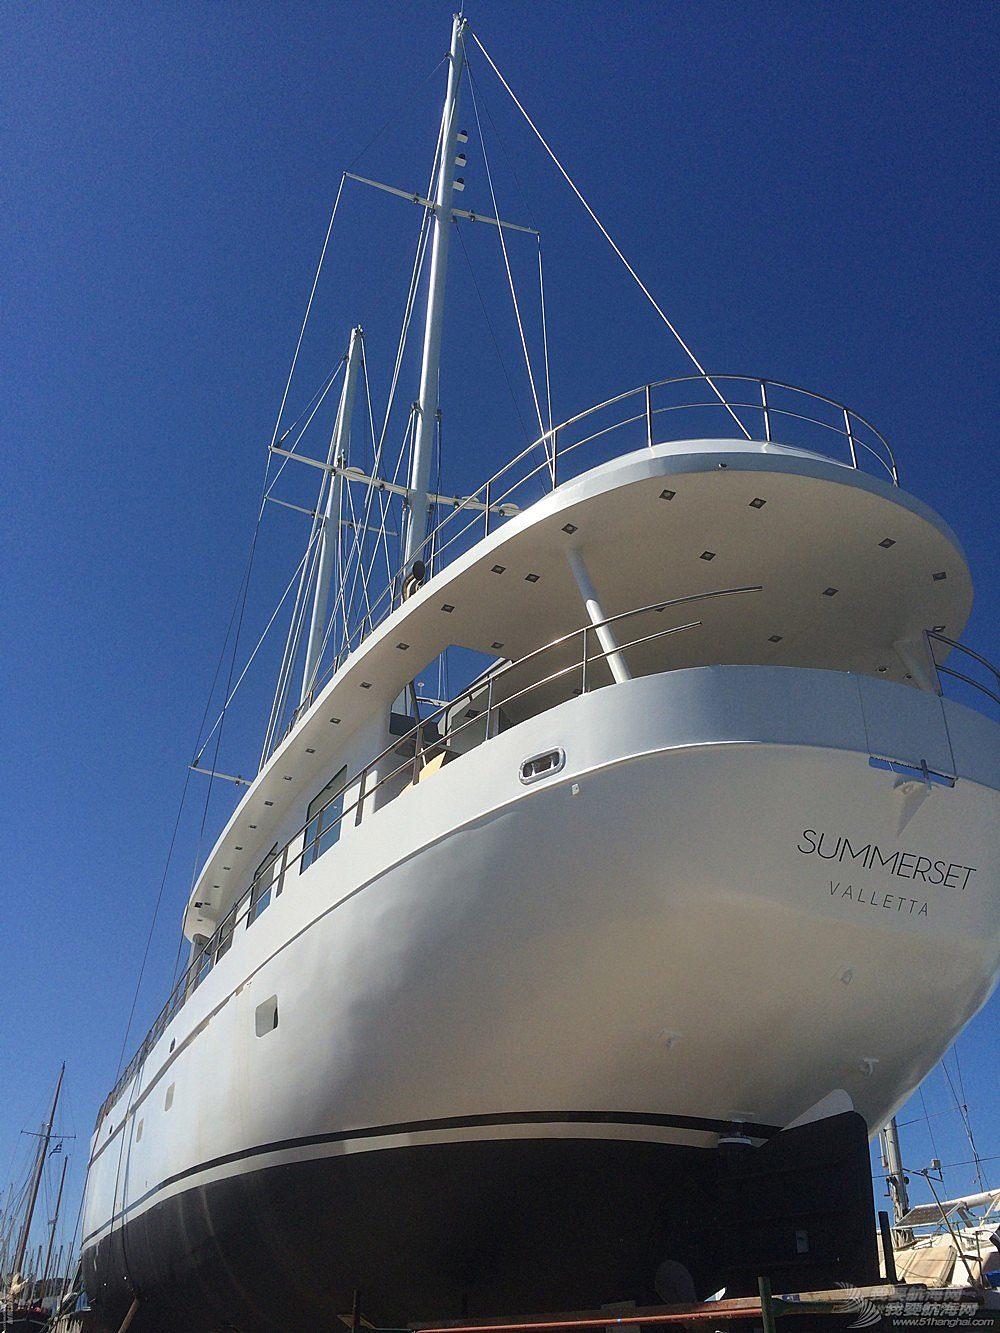 土耳其,按摩浴缸,工作人员,大西洋,发电机 看看这个土耳其货船改造的双桅杆帆船多漂亮